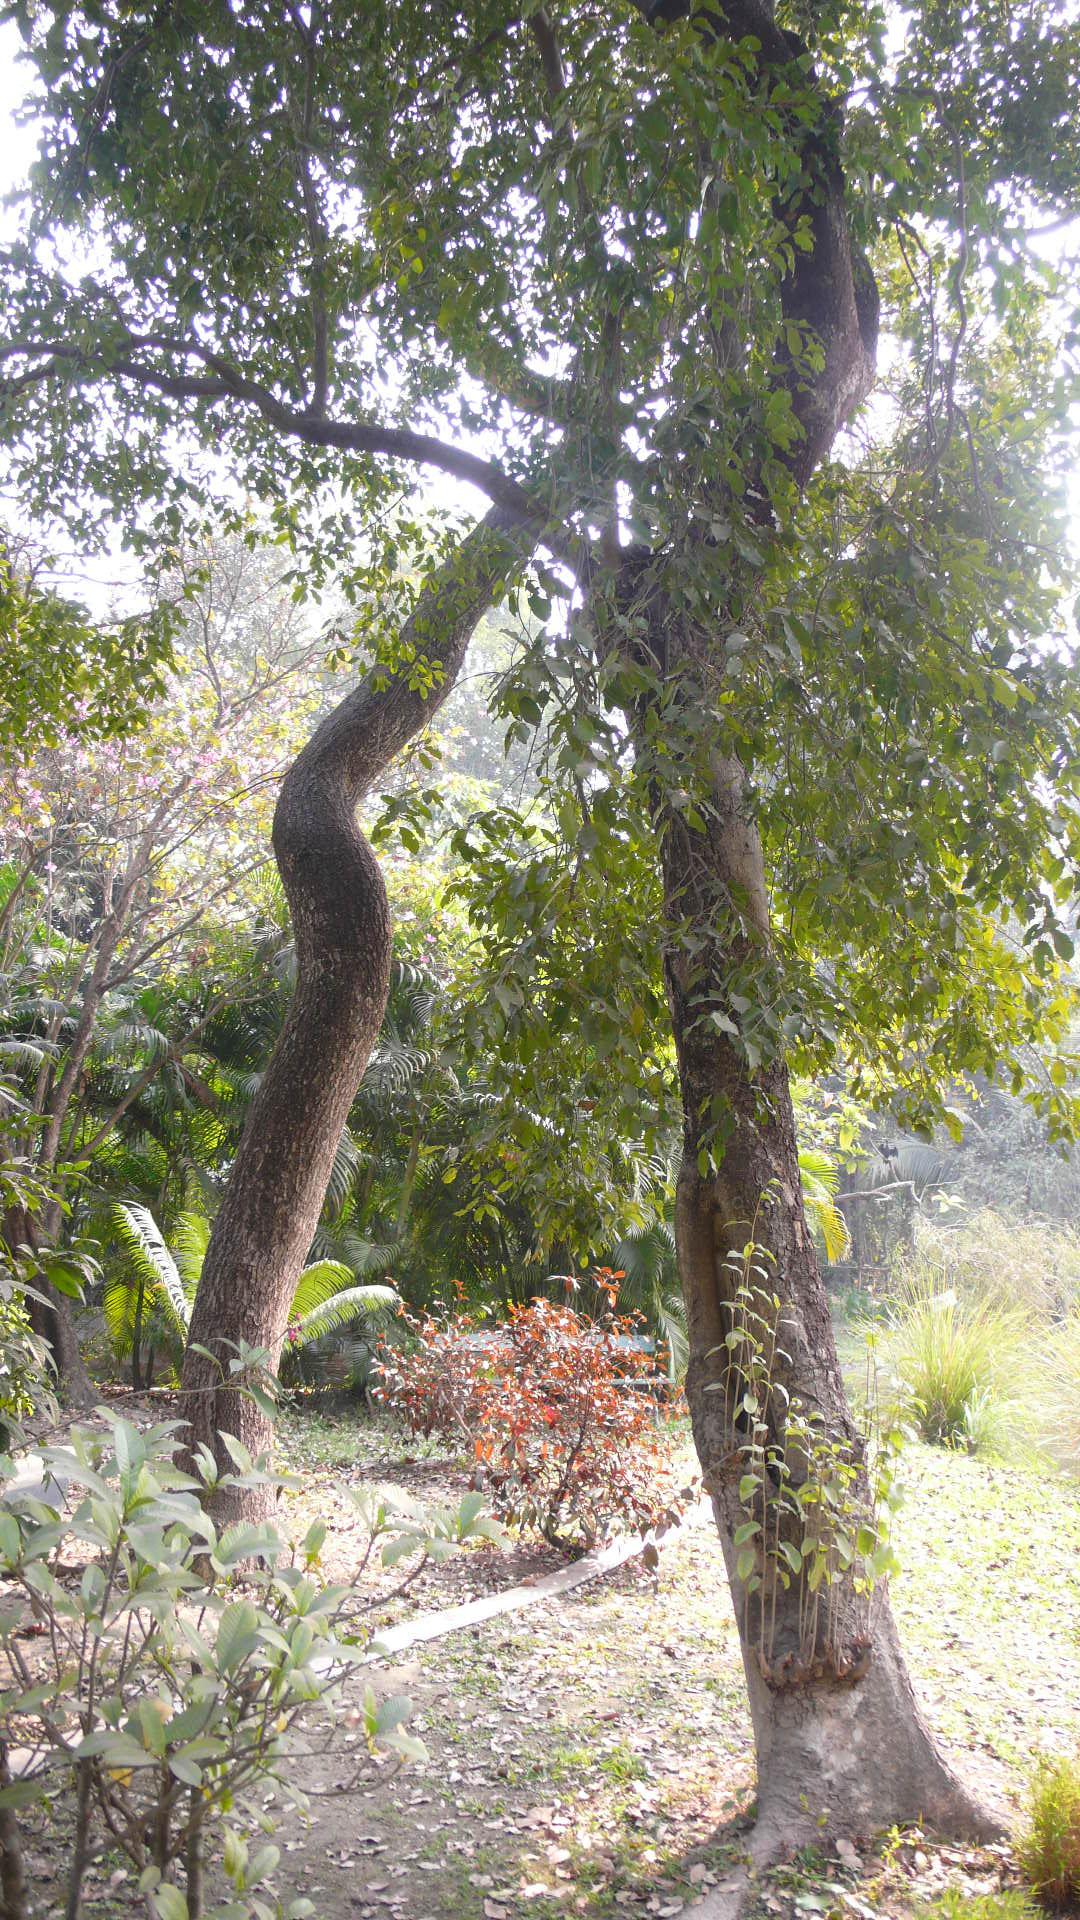 Jardin botanique isabelle roux c ramiste artiste for Jardin botanique decembre 2015